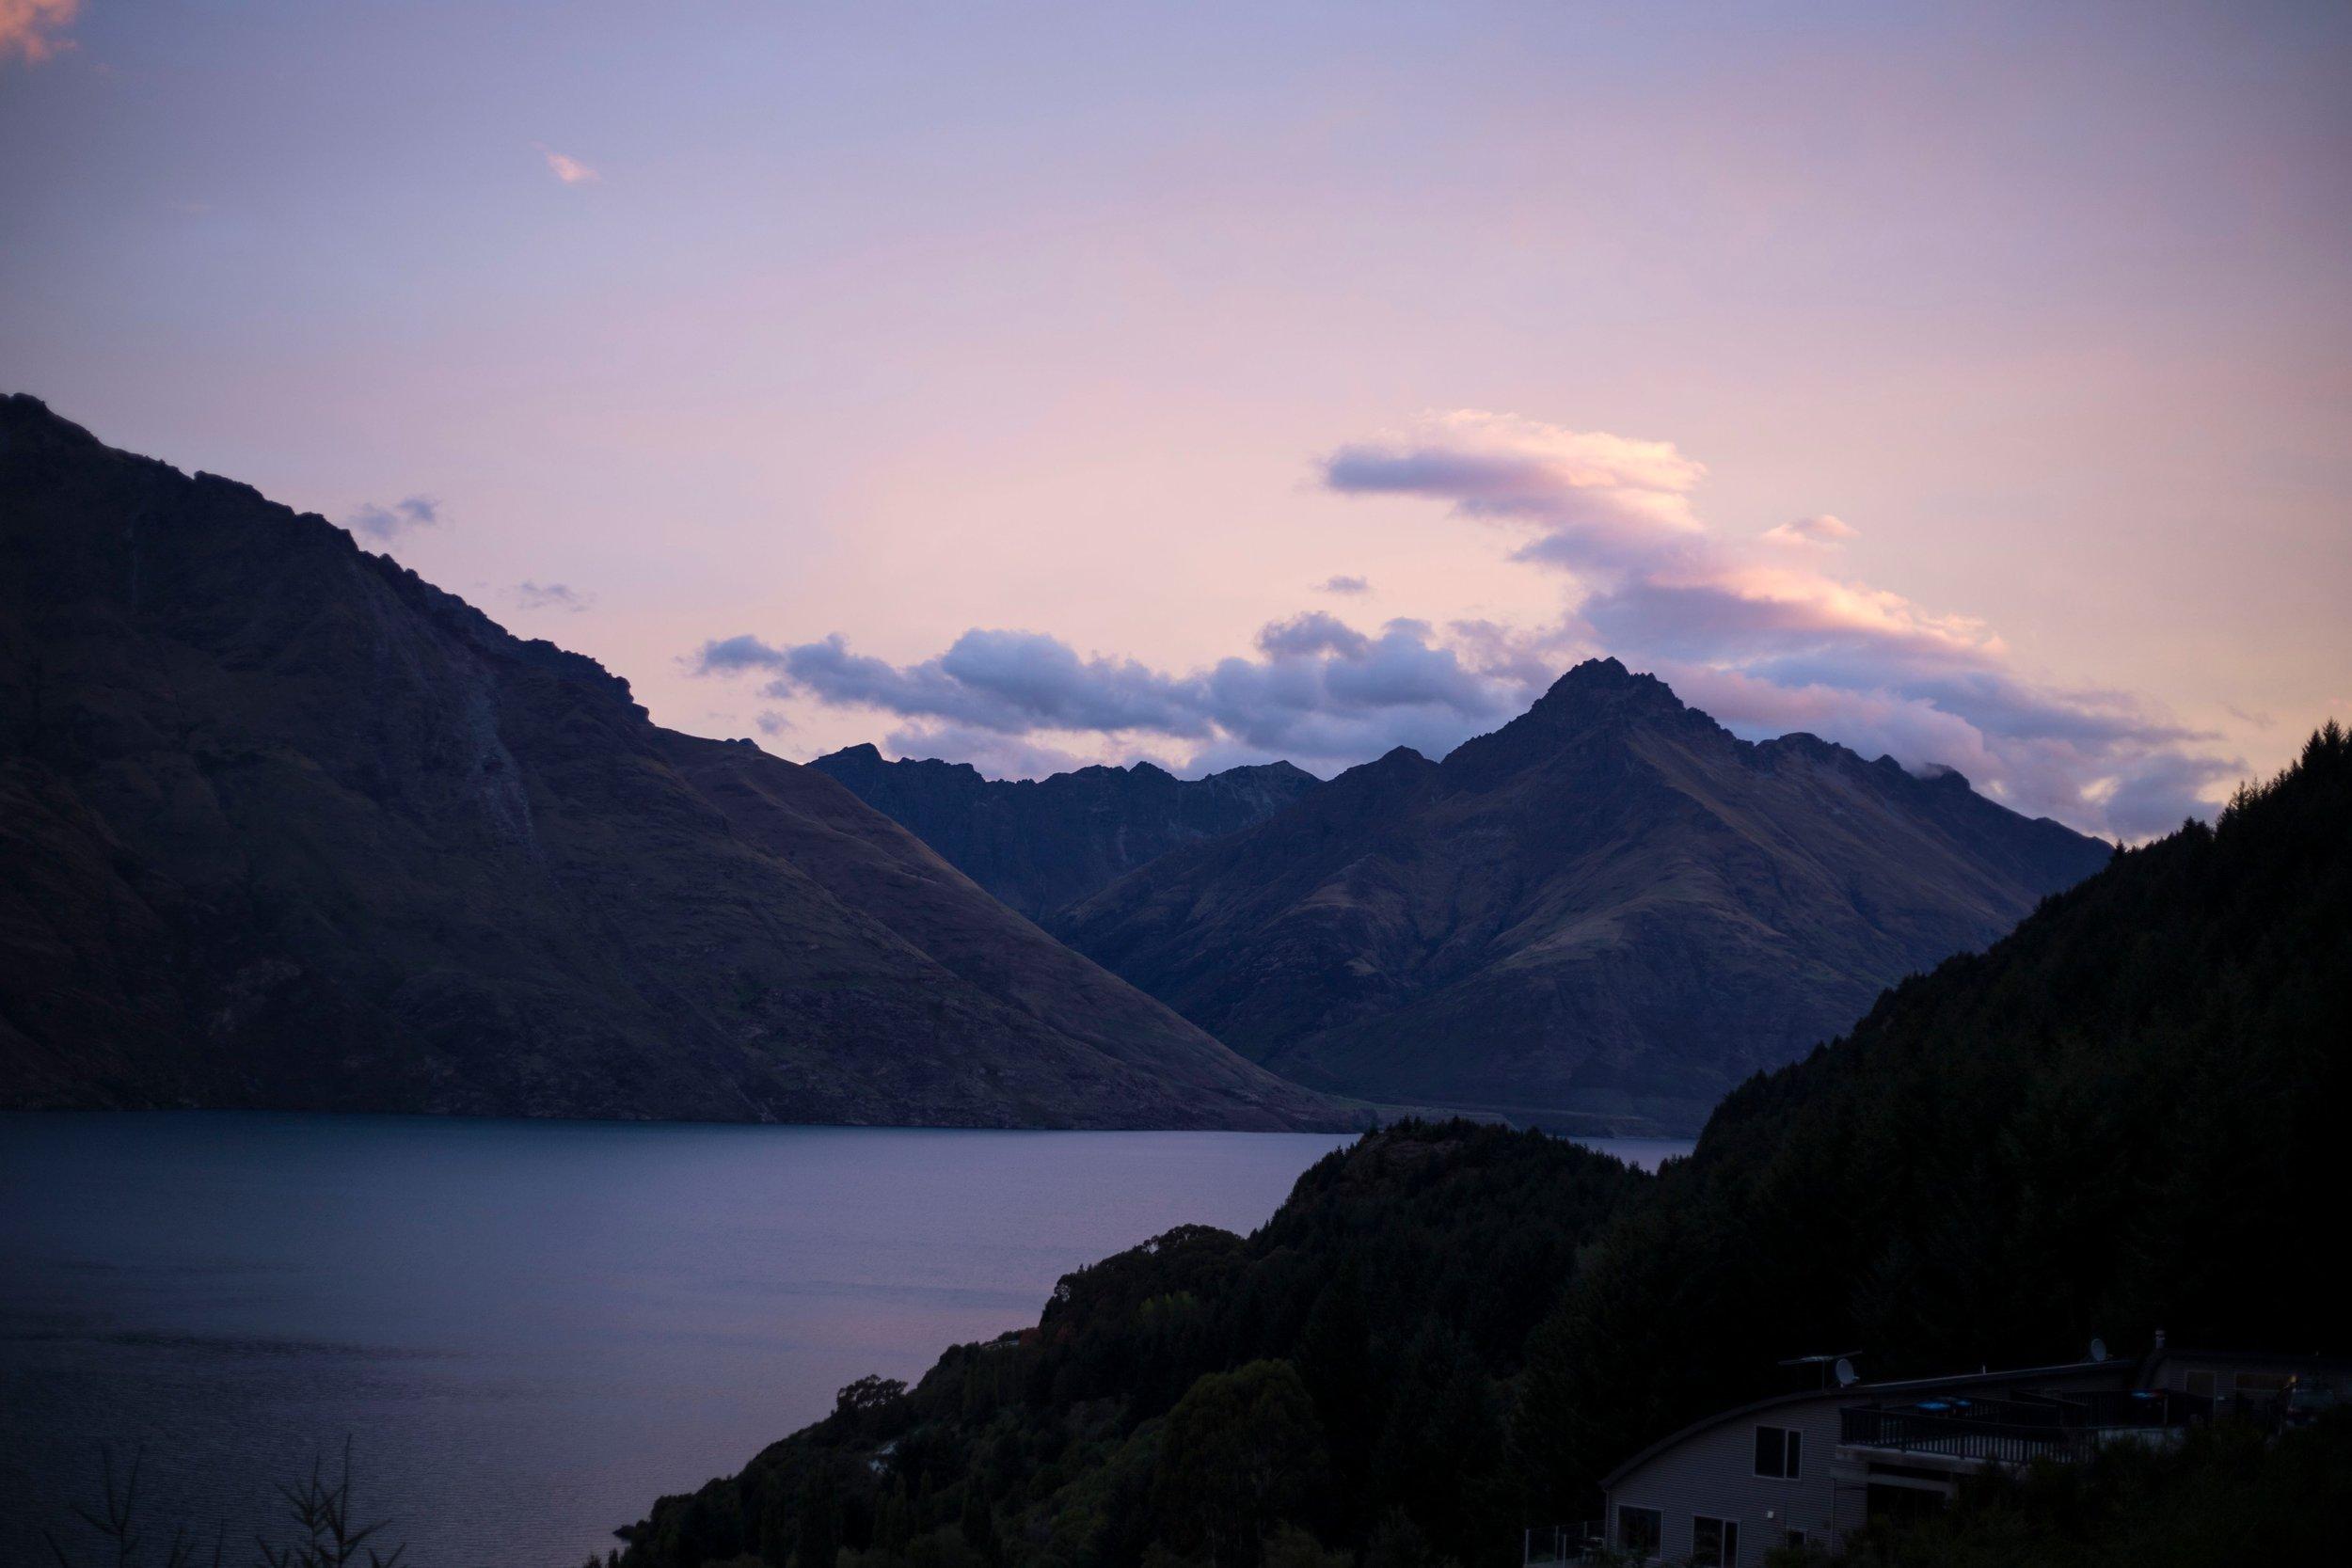 Sunset over Queenstown, New Zealand